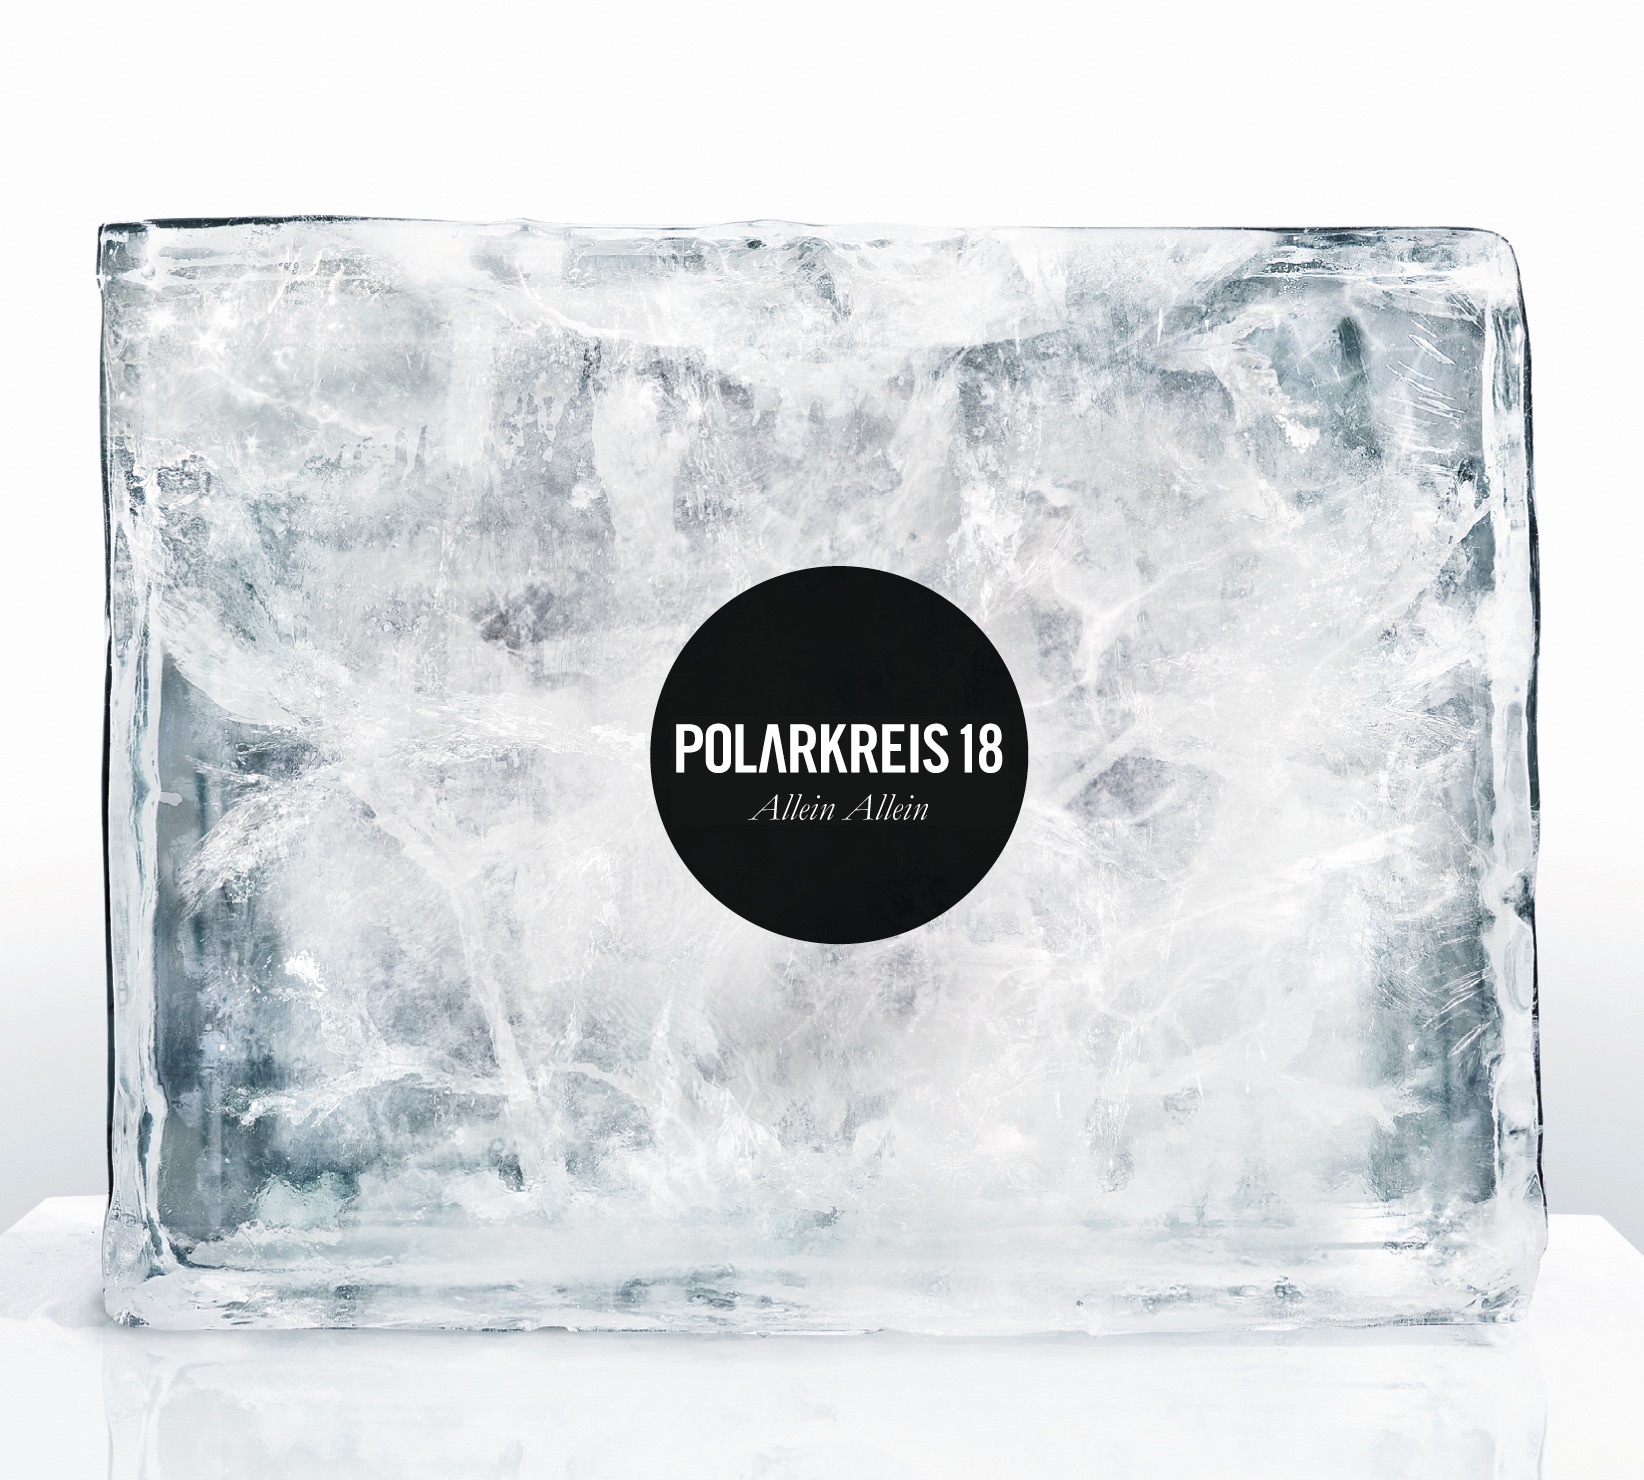 Polarkreis 18 album Allein Allein